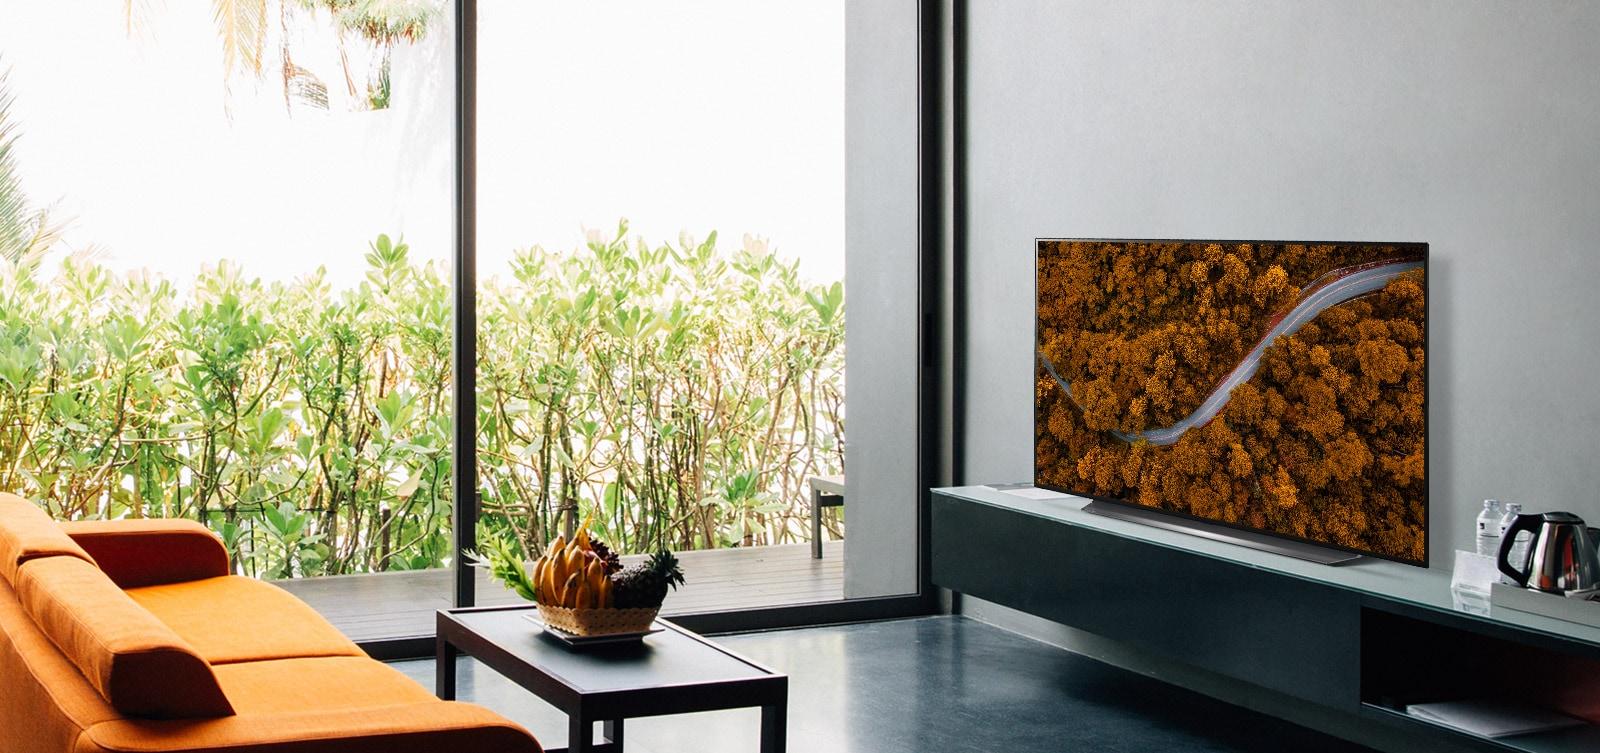 Wohnzimmer mit Sofa und Fernseher, auf dem eine Aufnahme eines Waldes zu sehen ist